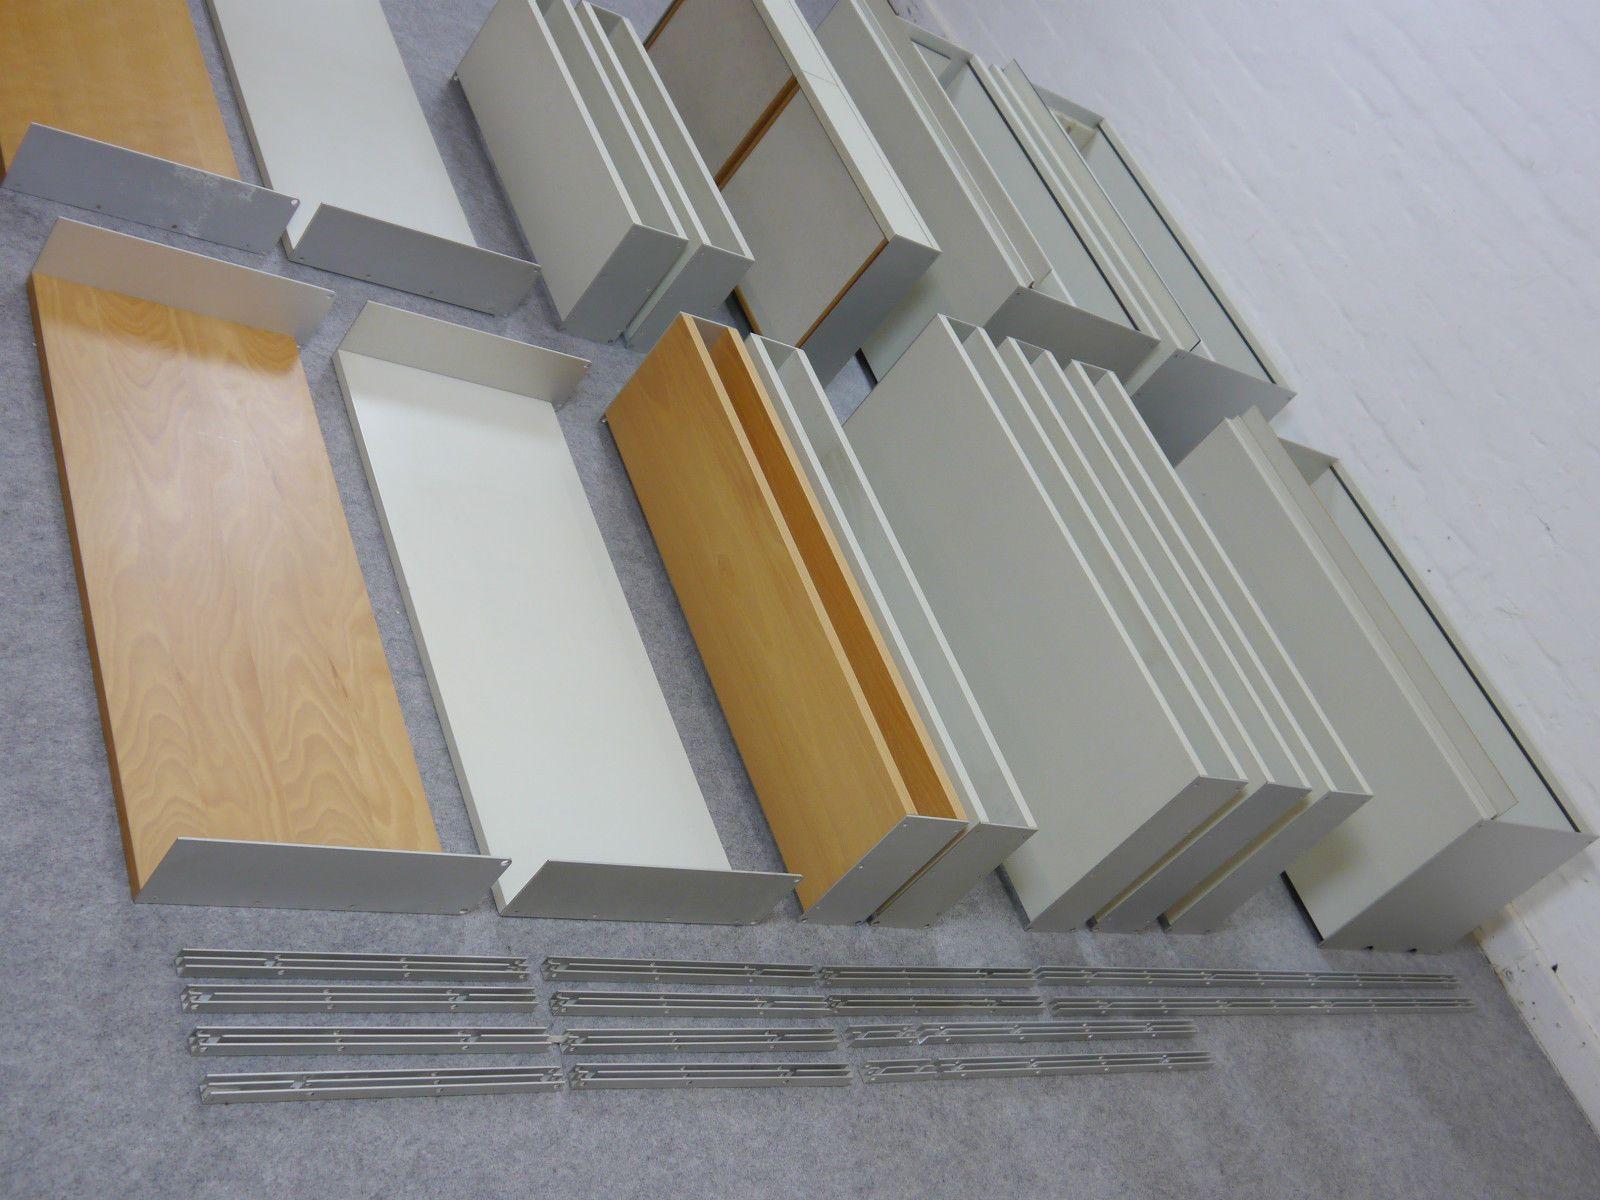 vitsoe sdr dieter rams shelfing system regalsystem model 606